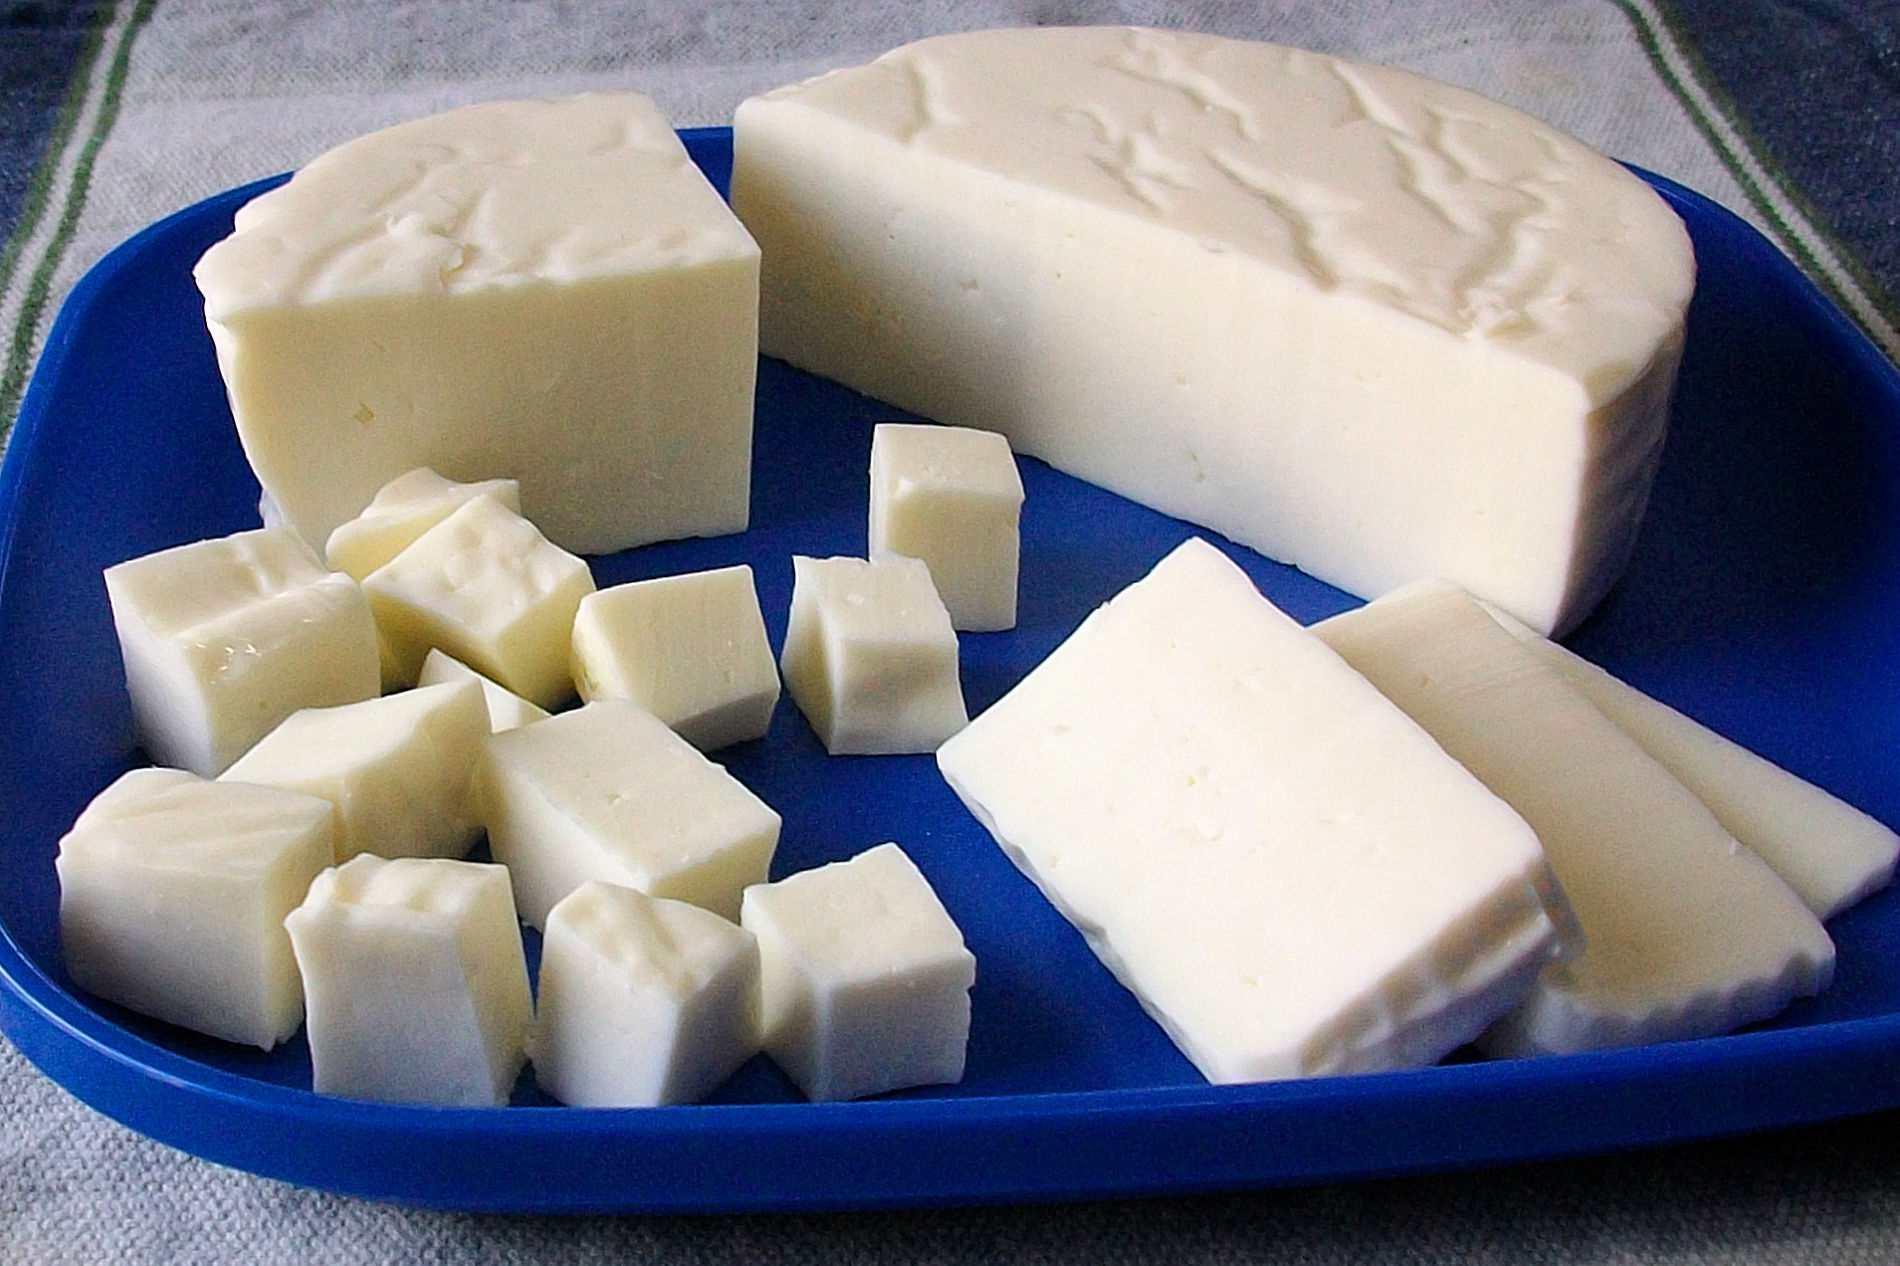 барбадос все виды сыров с фото этого, останется распечатать